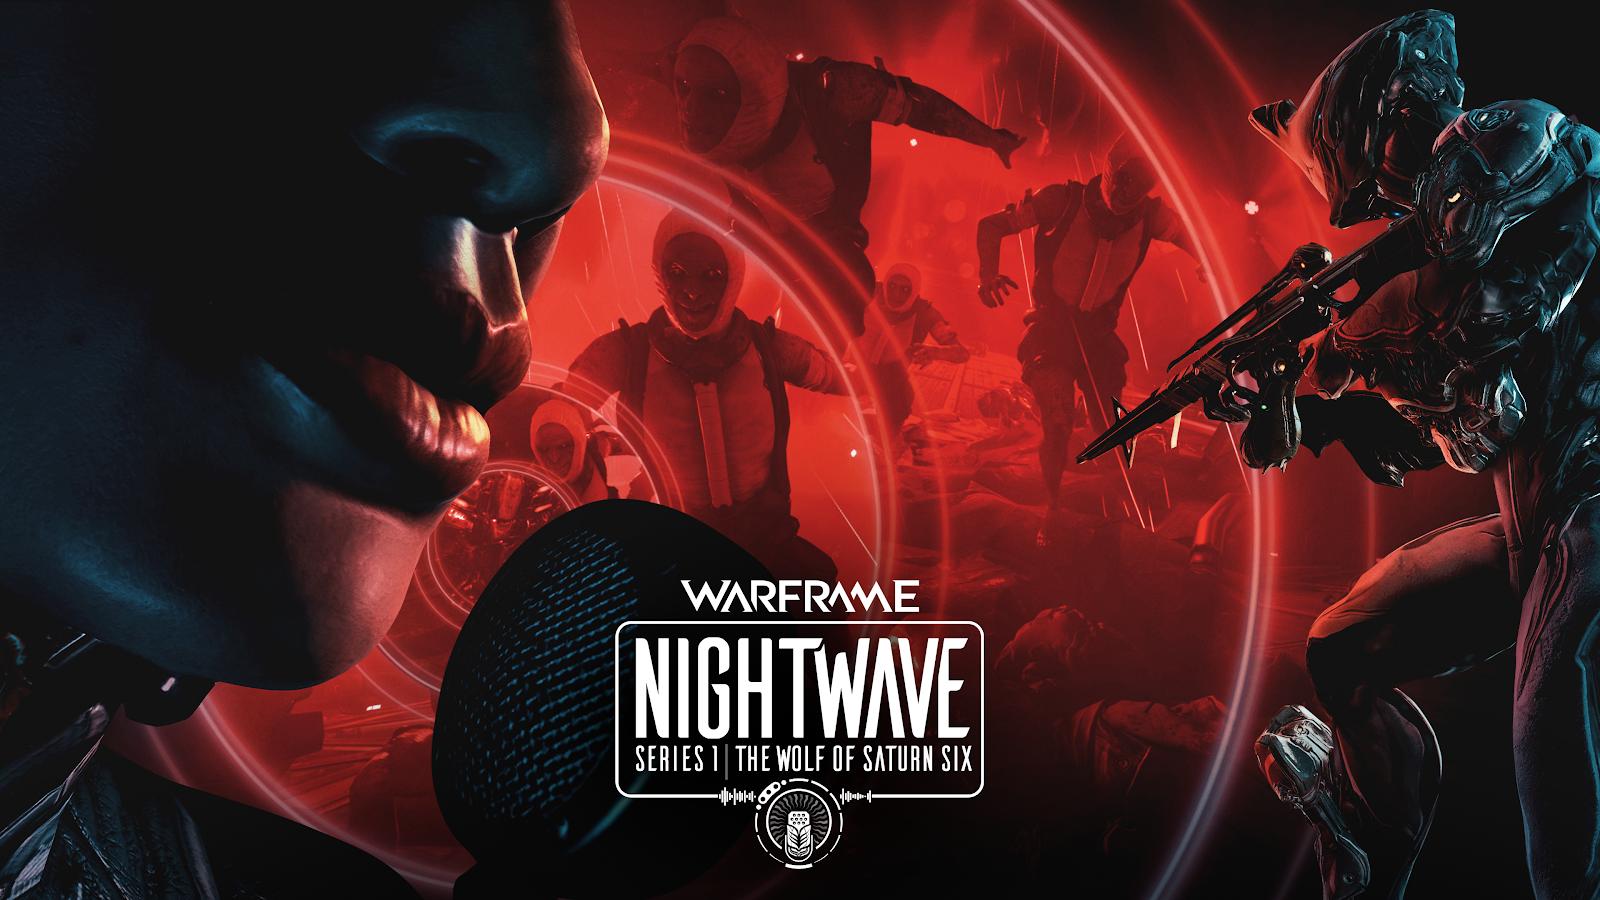 Warframe Nightwave